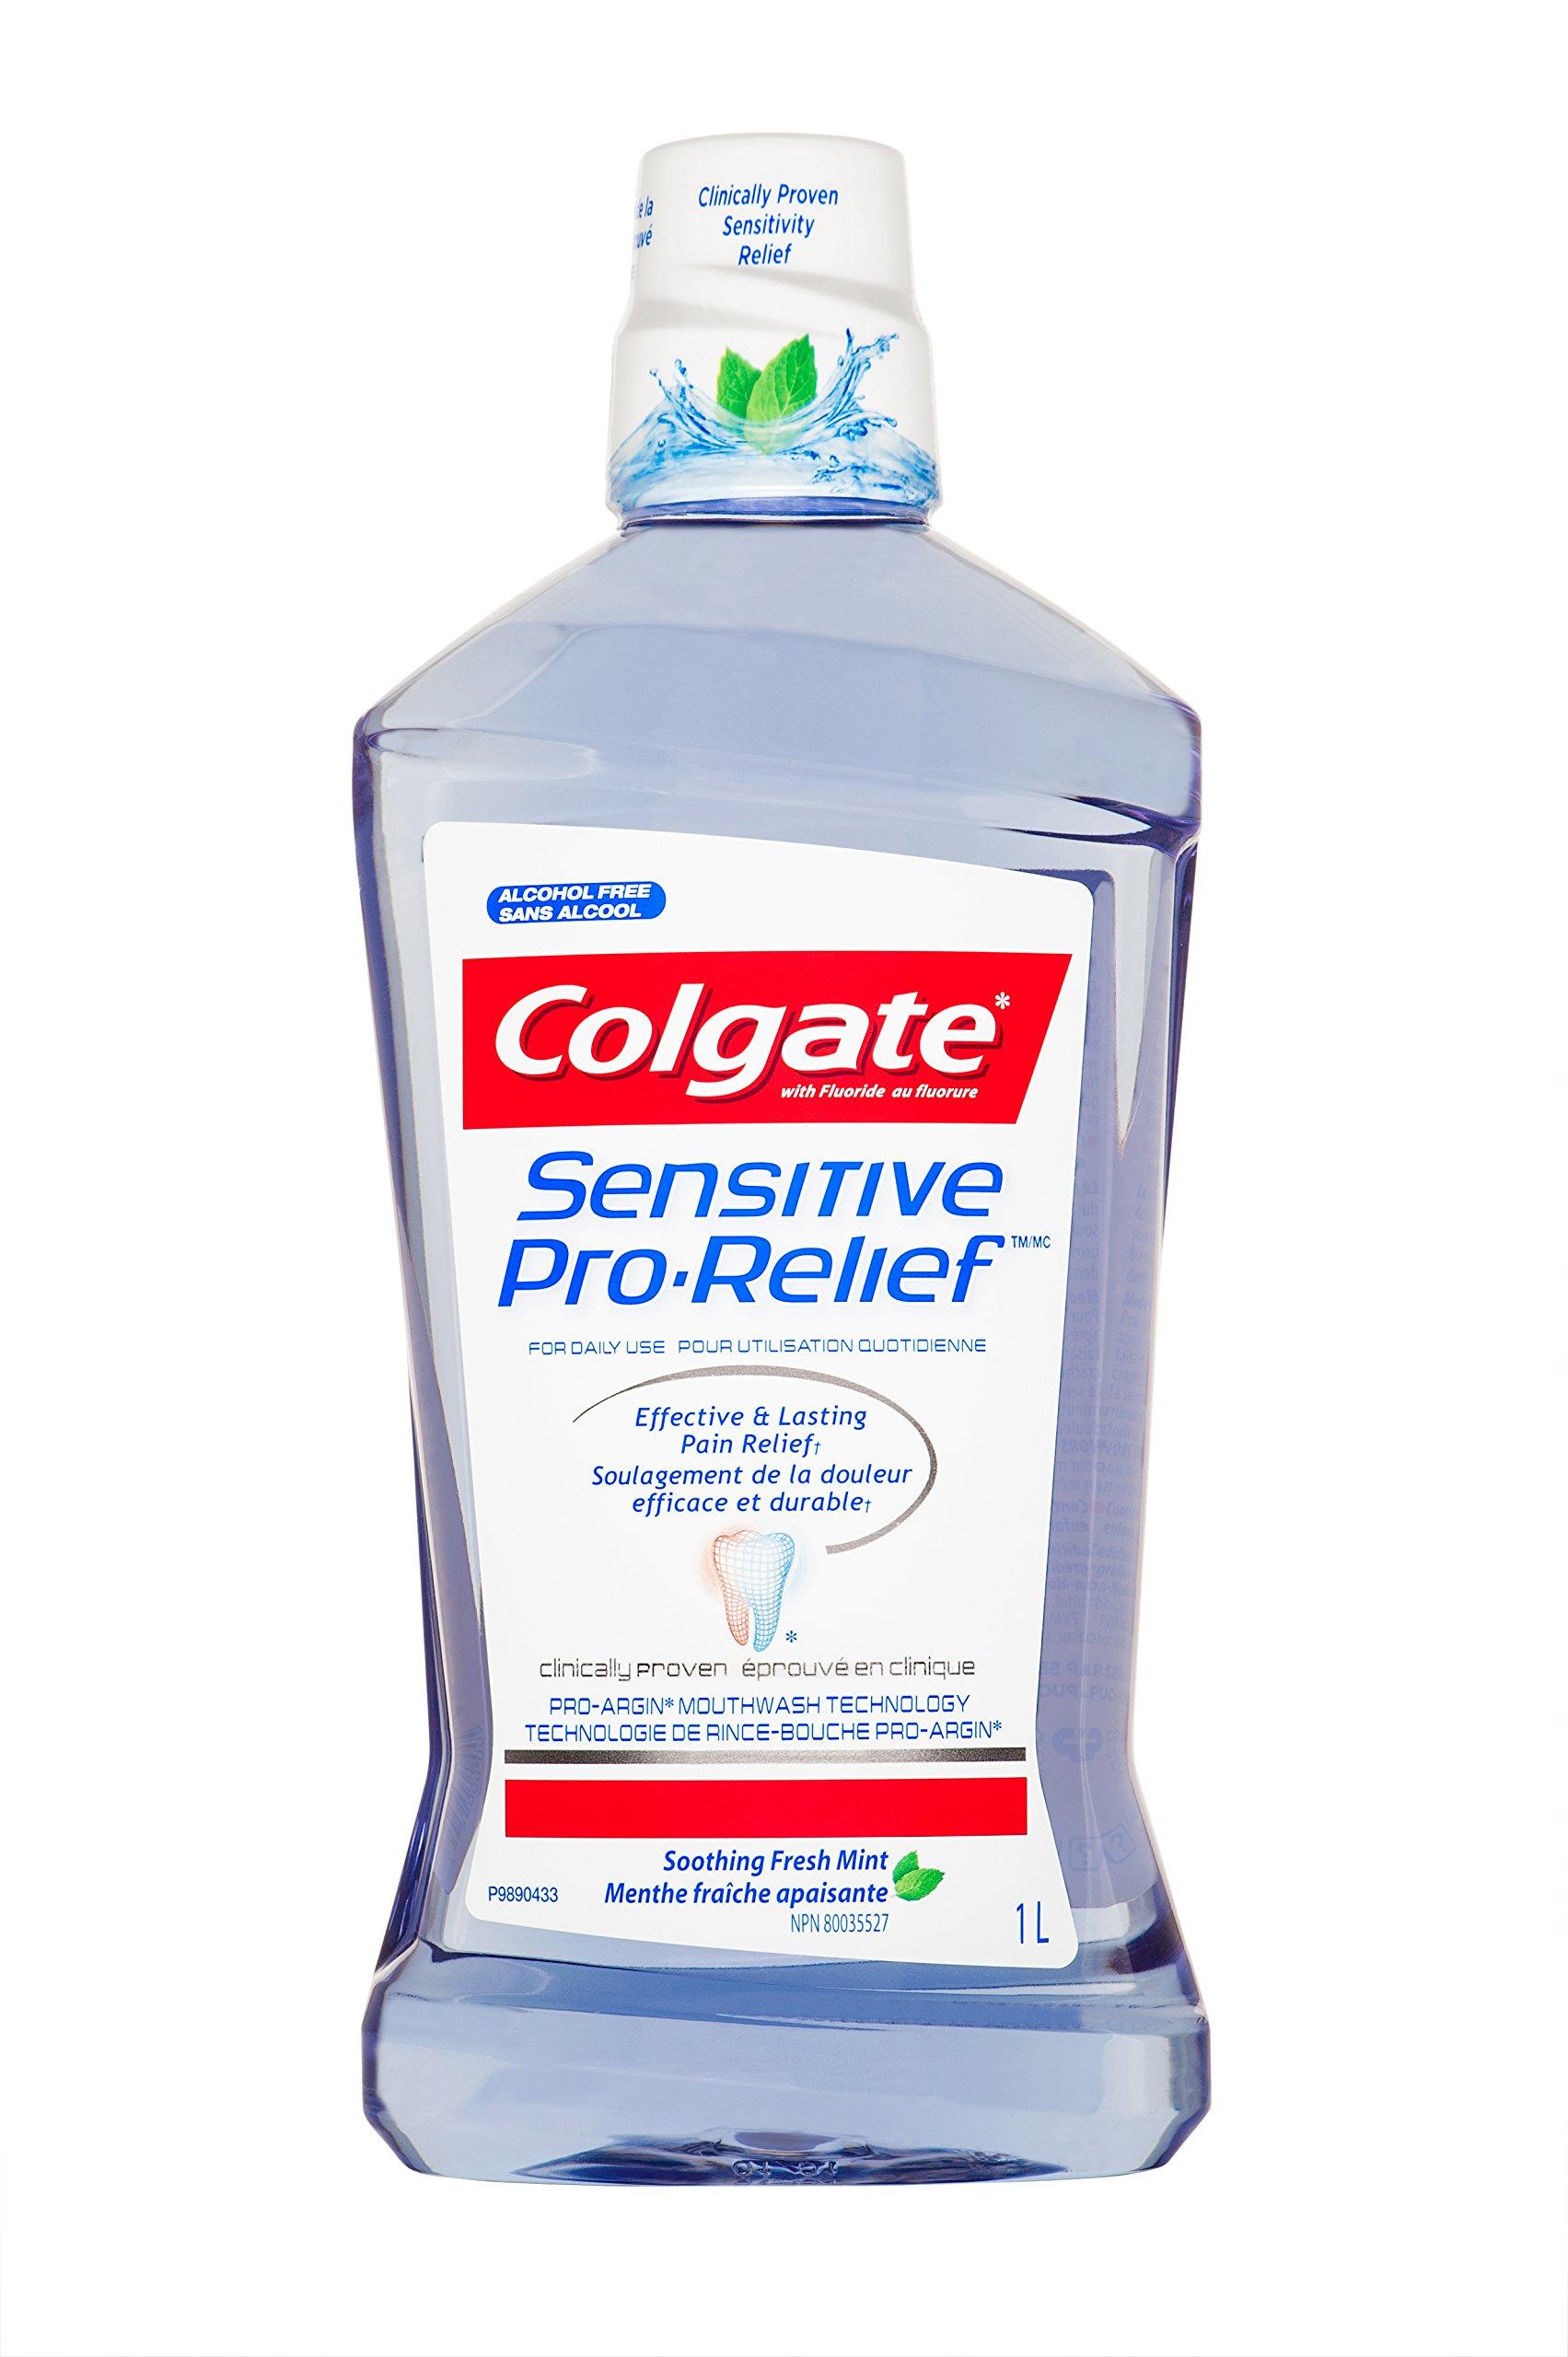 Colgate Sensitive Pro Relief Mouthwash Pro Argin Alcohol Free - Effective & Lasting Pain Relief (1000ml / 33.8 fl oz) by Colgate (Image #1)